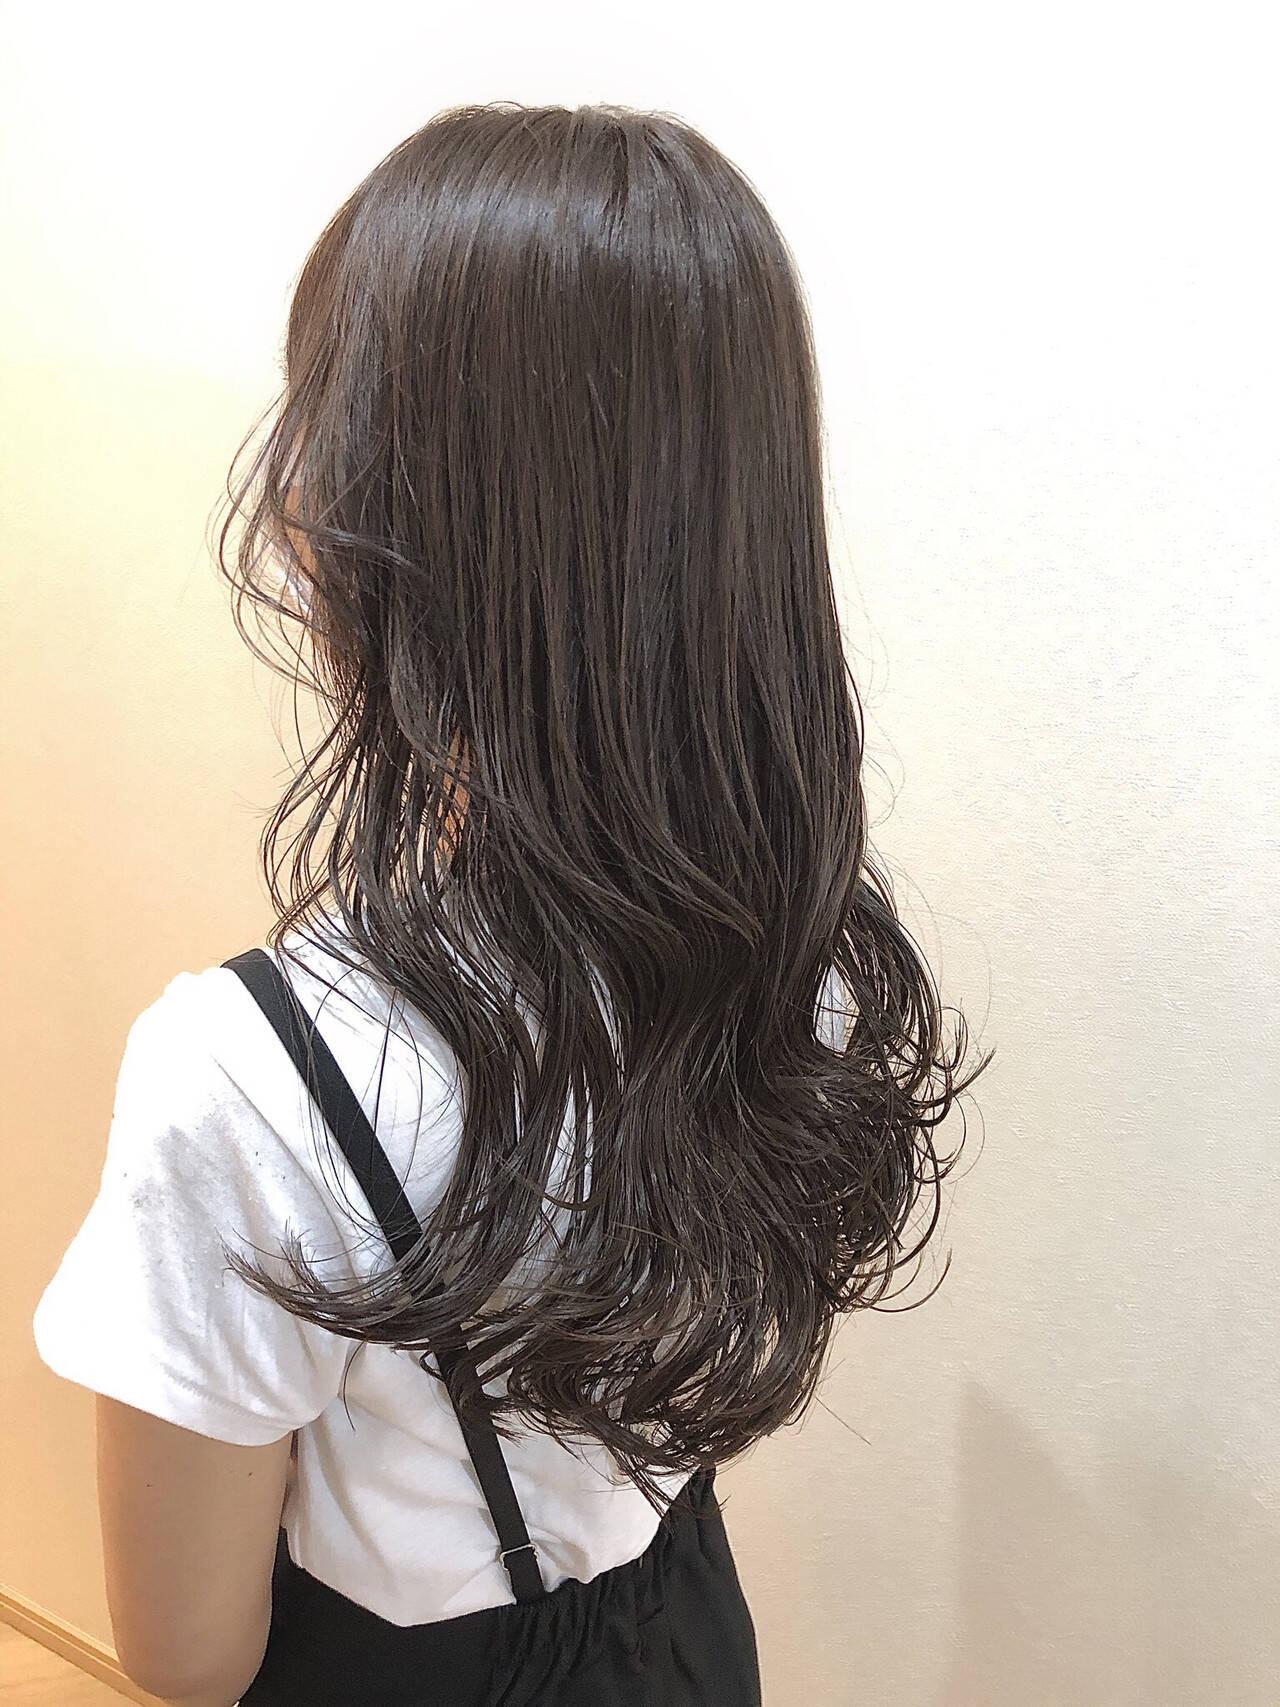 アッシュグレージュ オリーブグレージュ ロング ナチュラルヘアスタイルや髪型の写真・画像